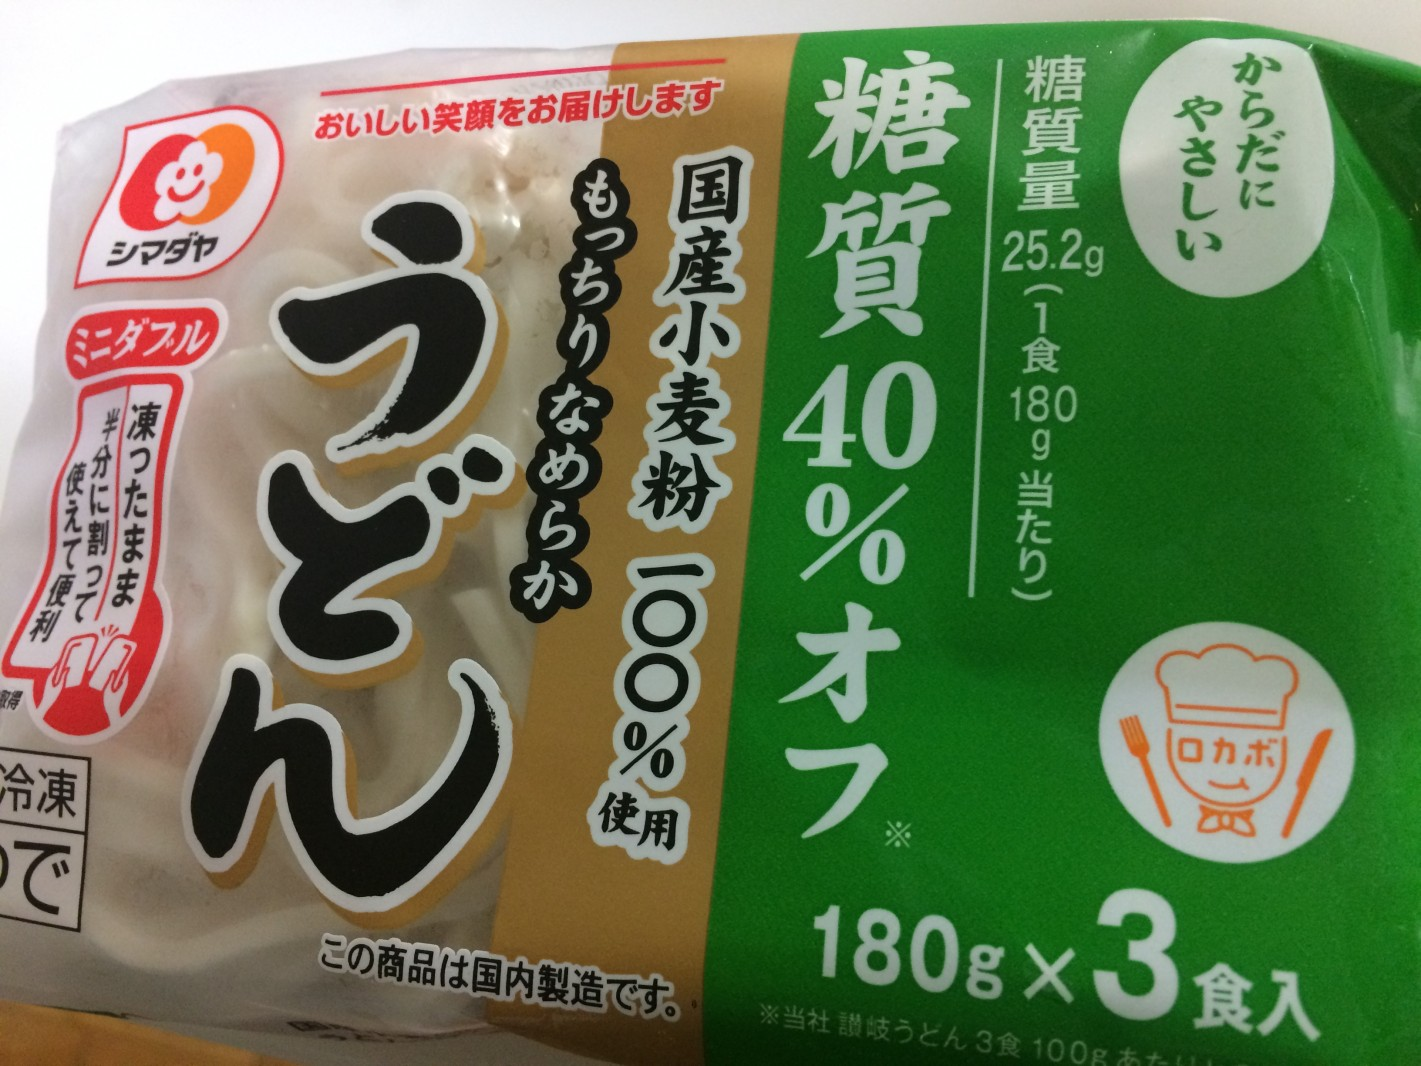 「ロカボ」マーク付き糖質オフ冷凍うどん(シマダヤ)